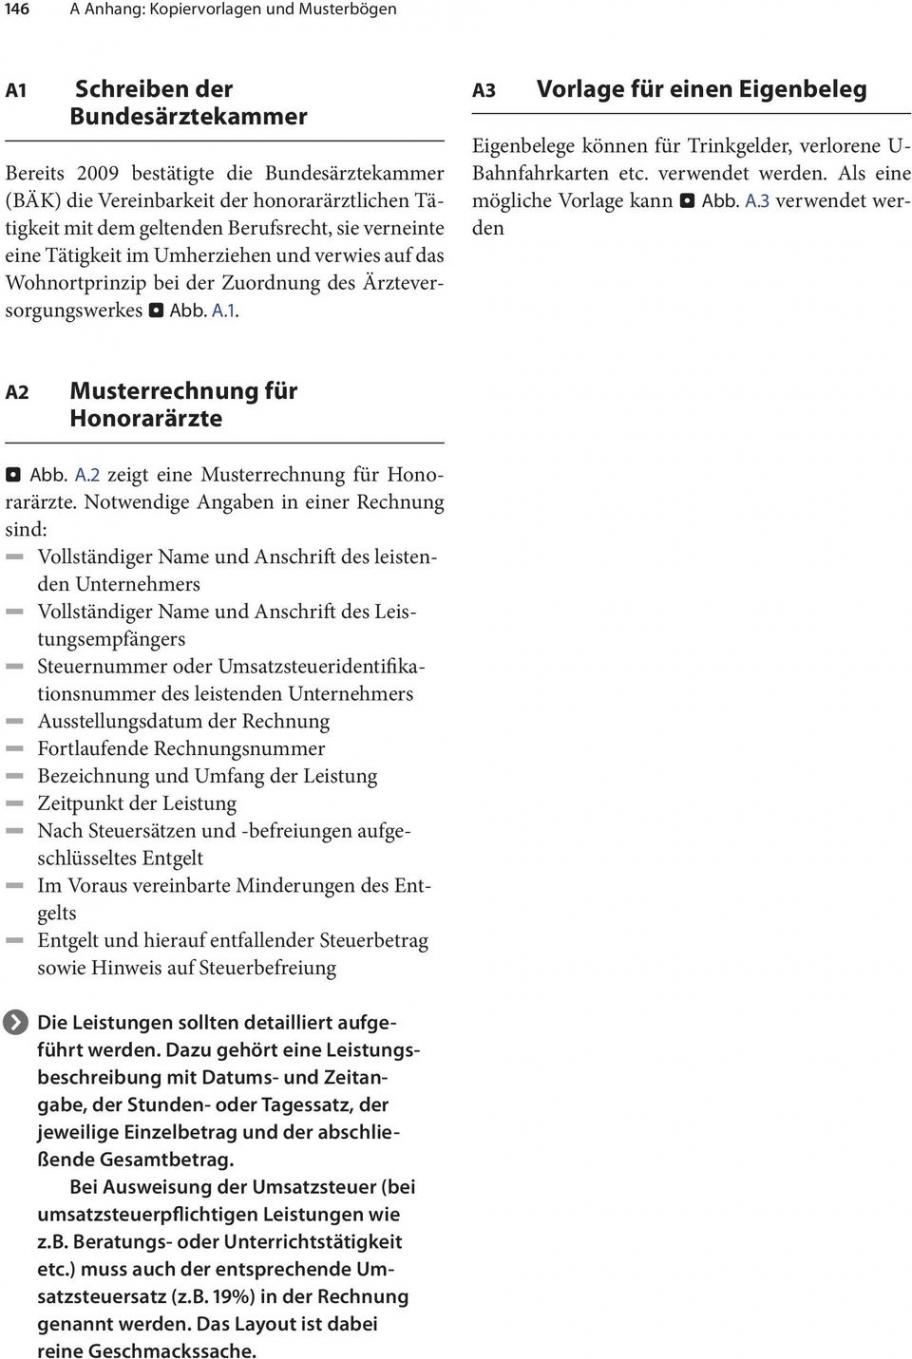 druckbar von a anhang kopiervorlagen und musterbögen  pdf free download honorararzt rechnung vorlage word